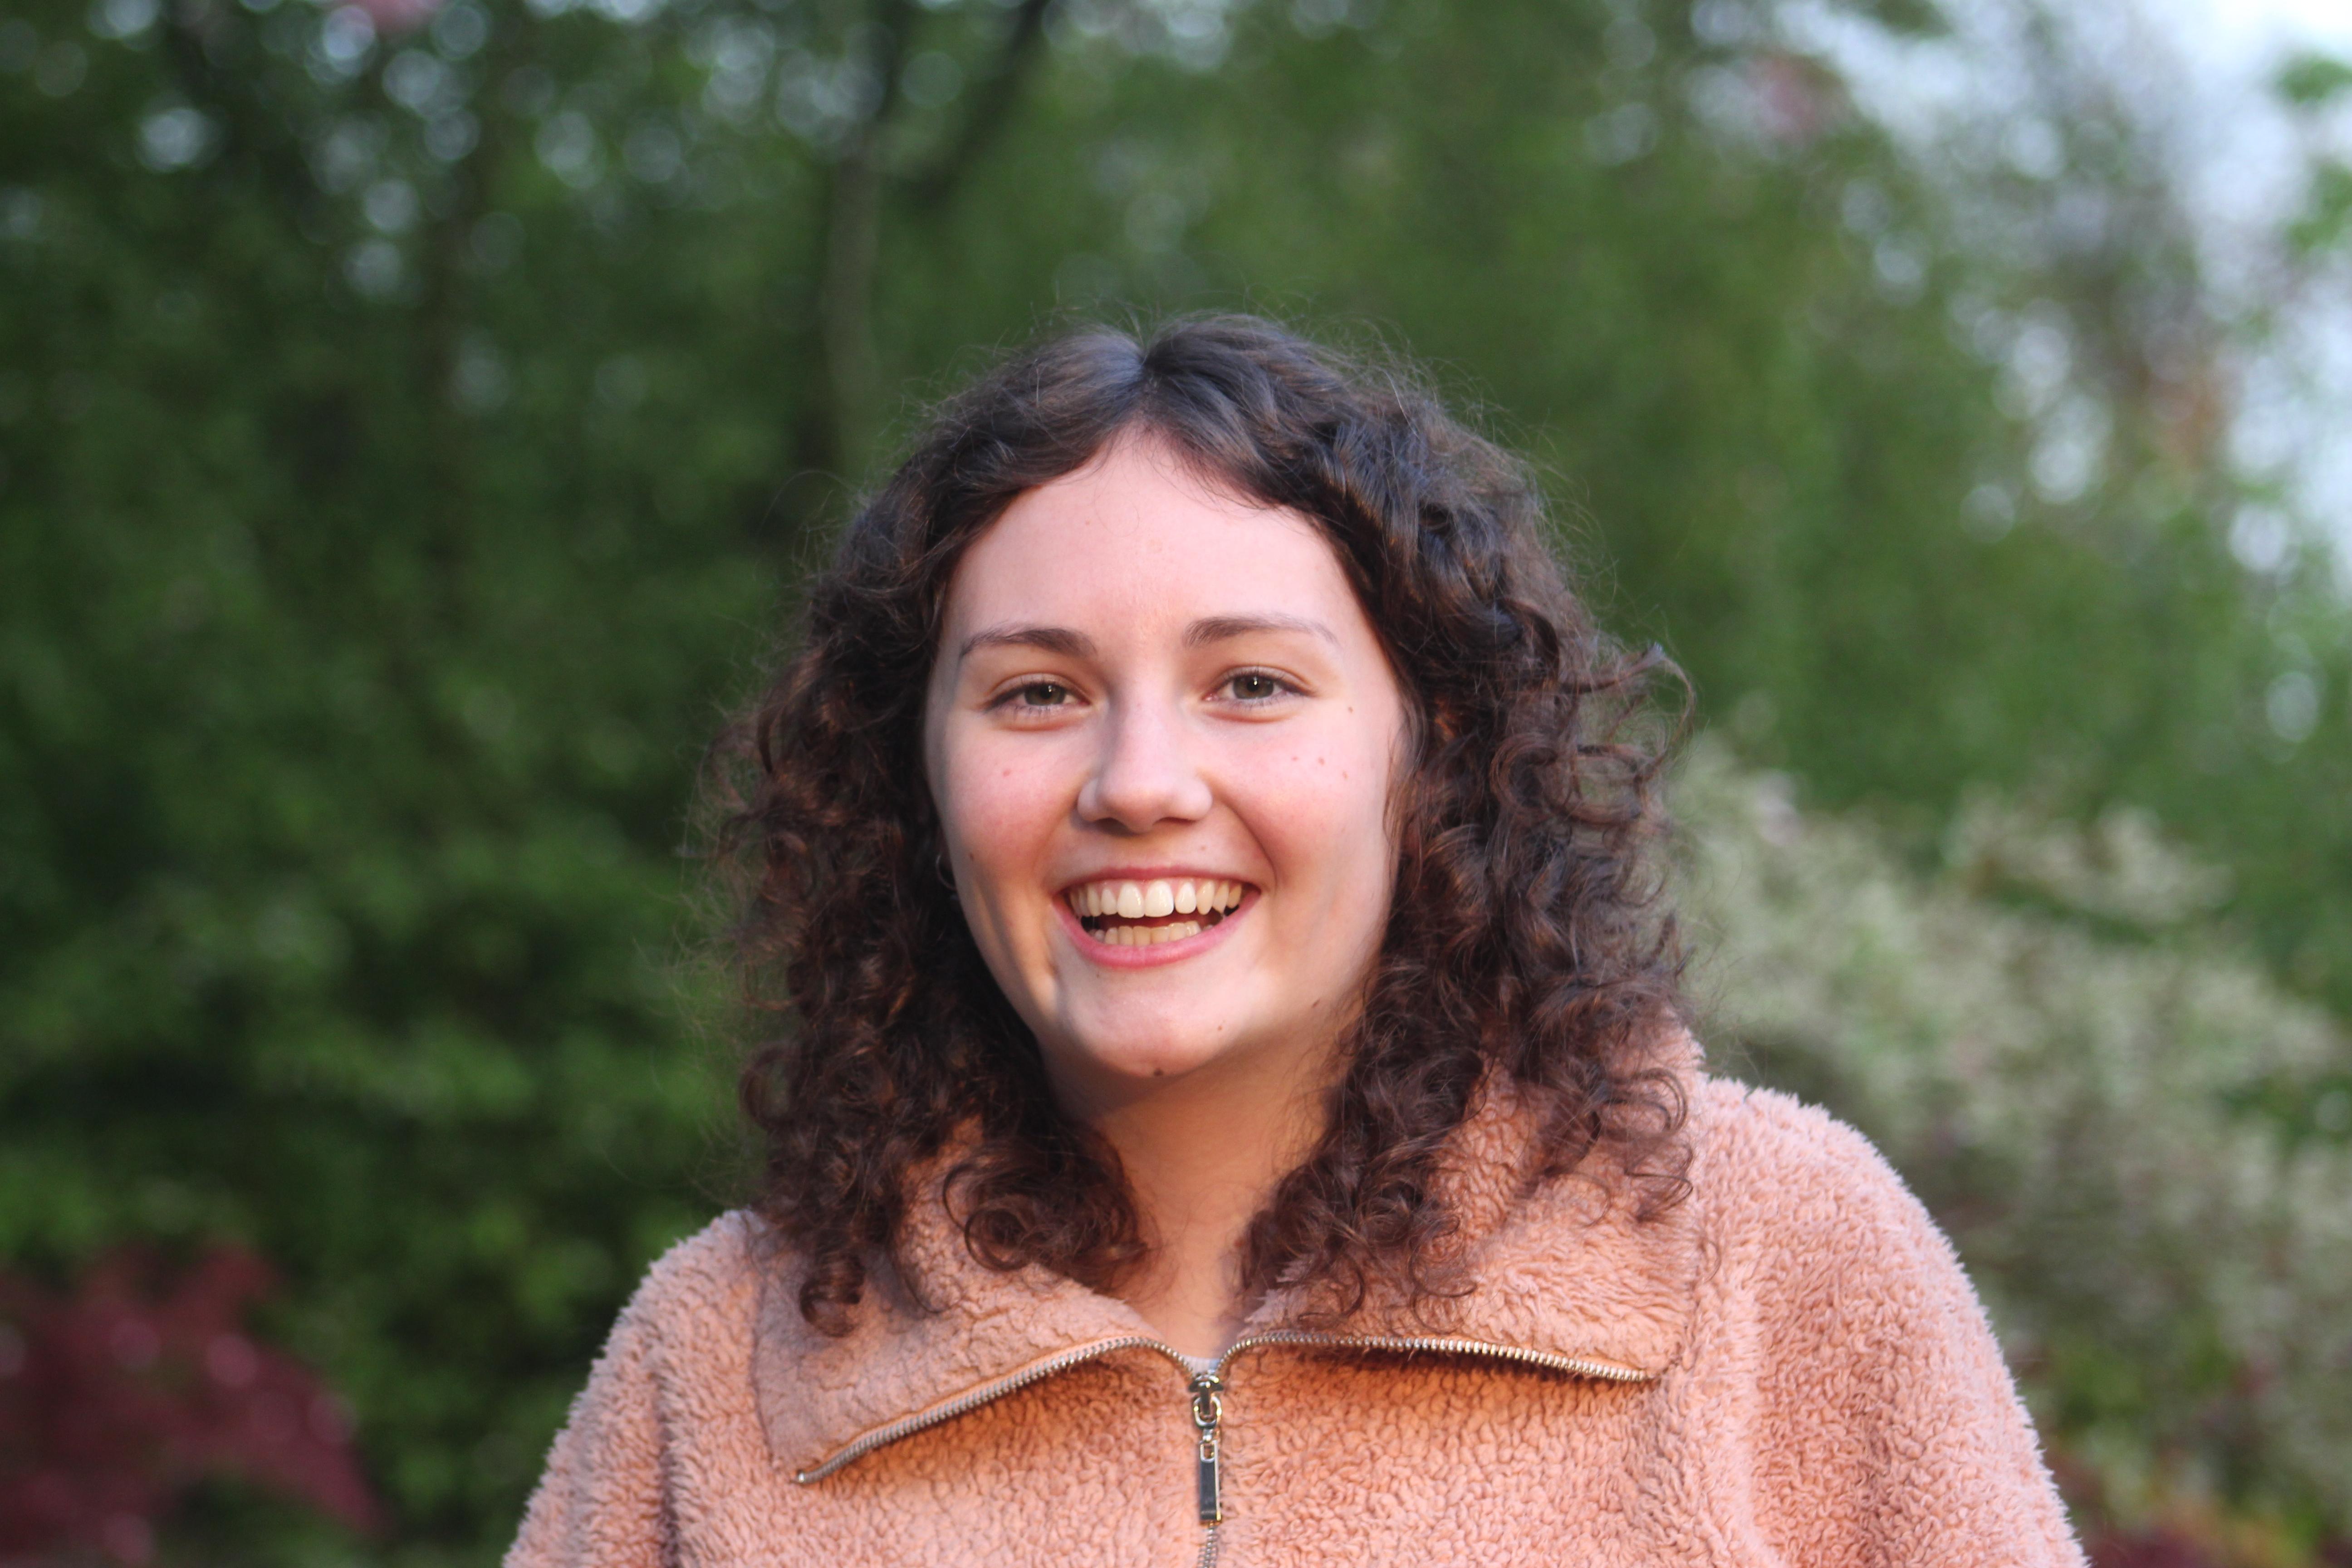 Rosie Goddon-Smith